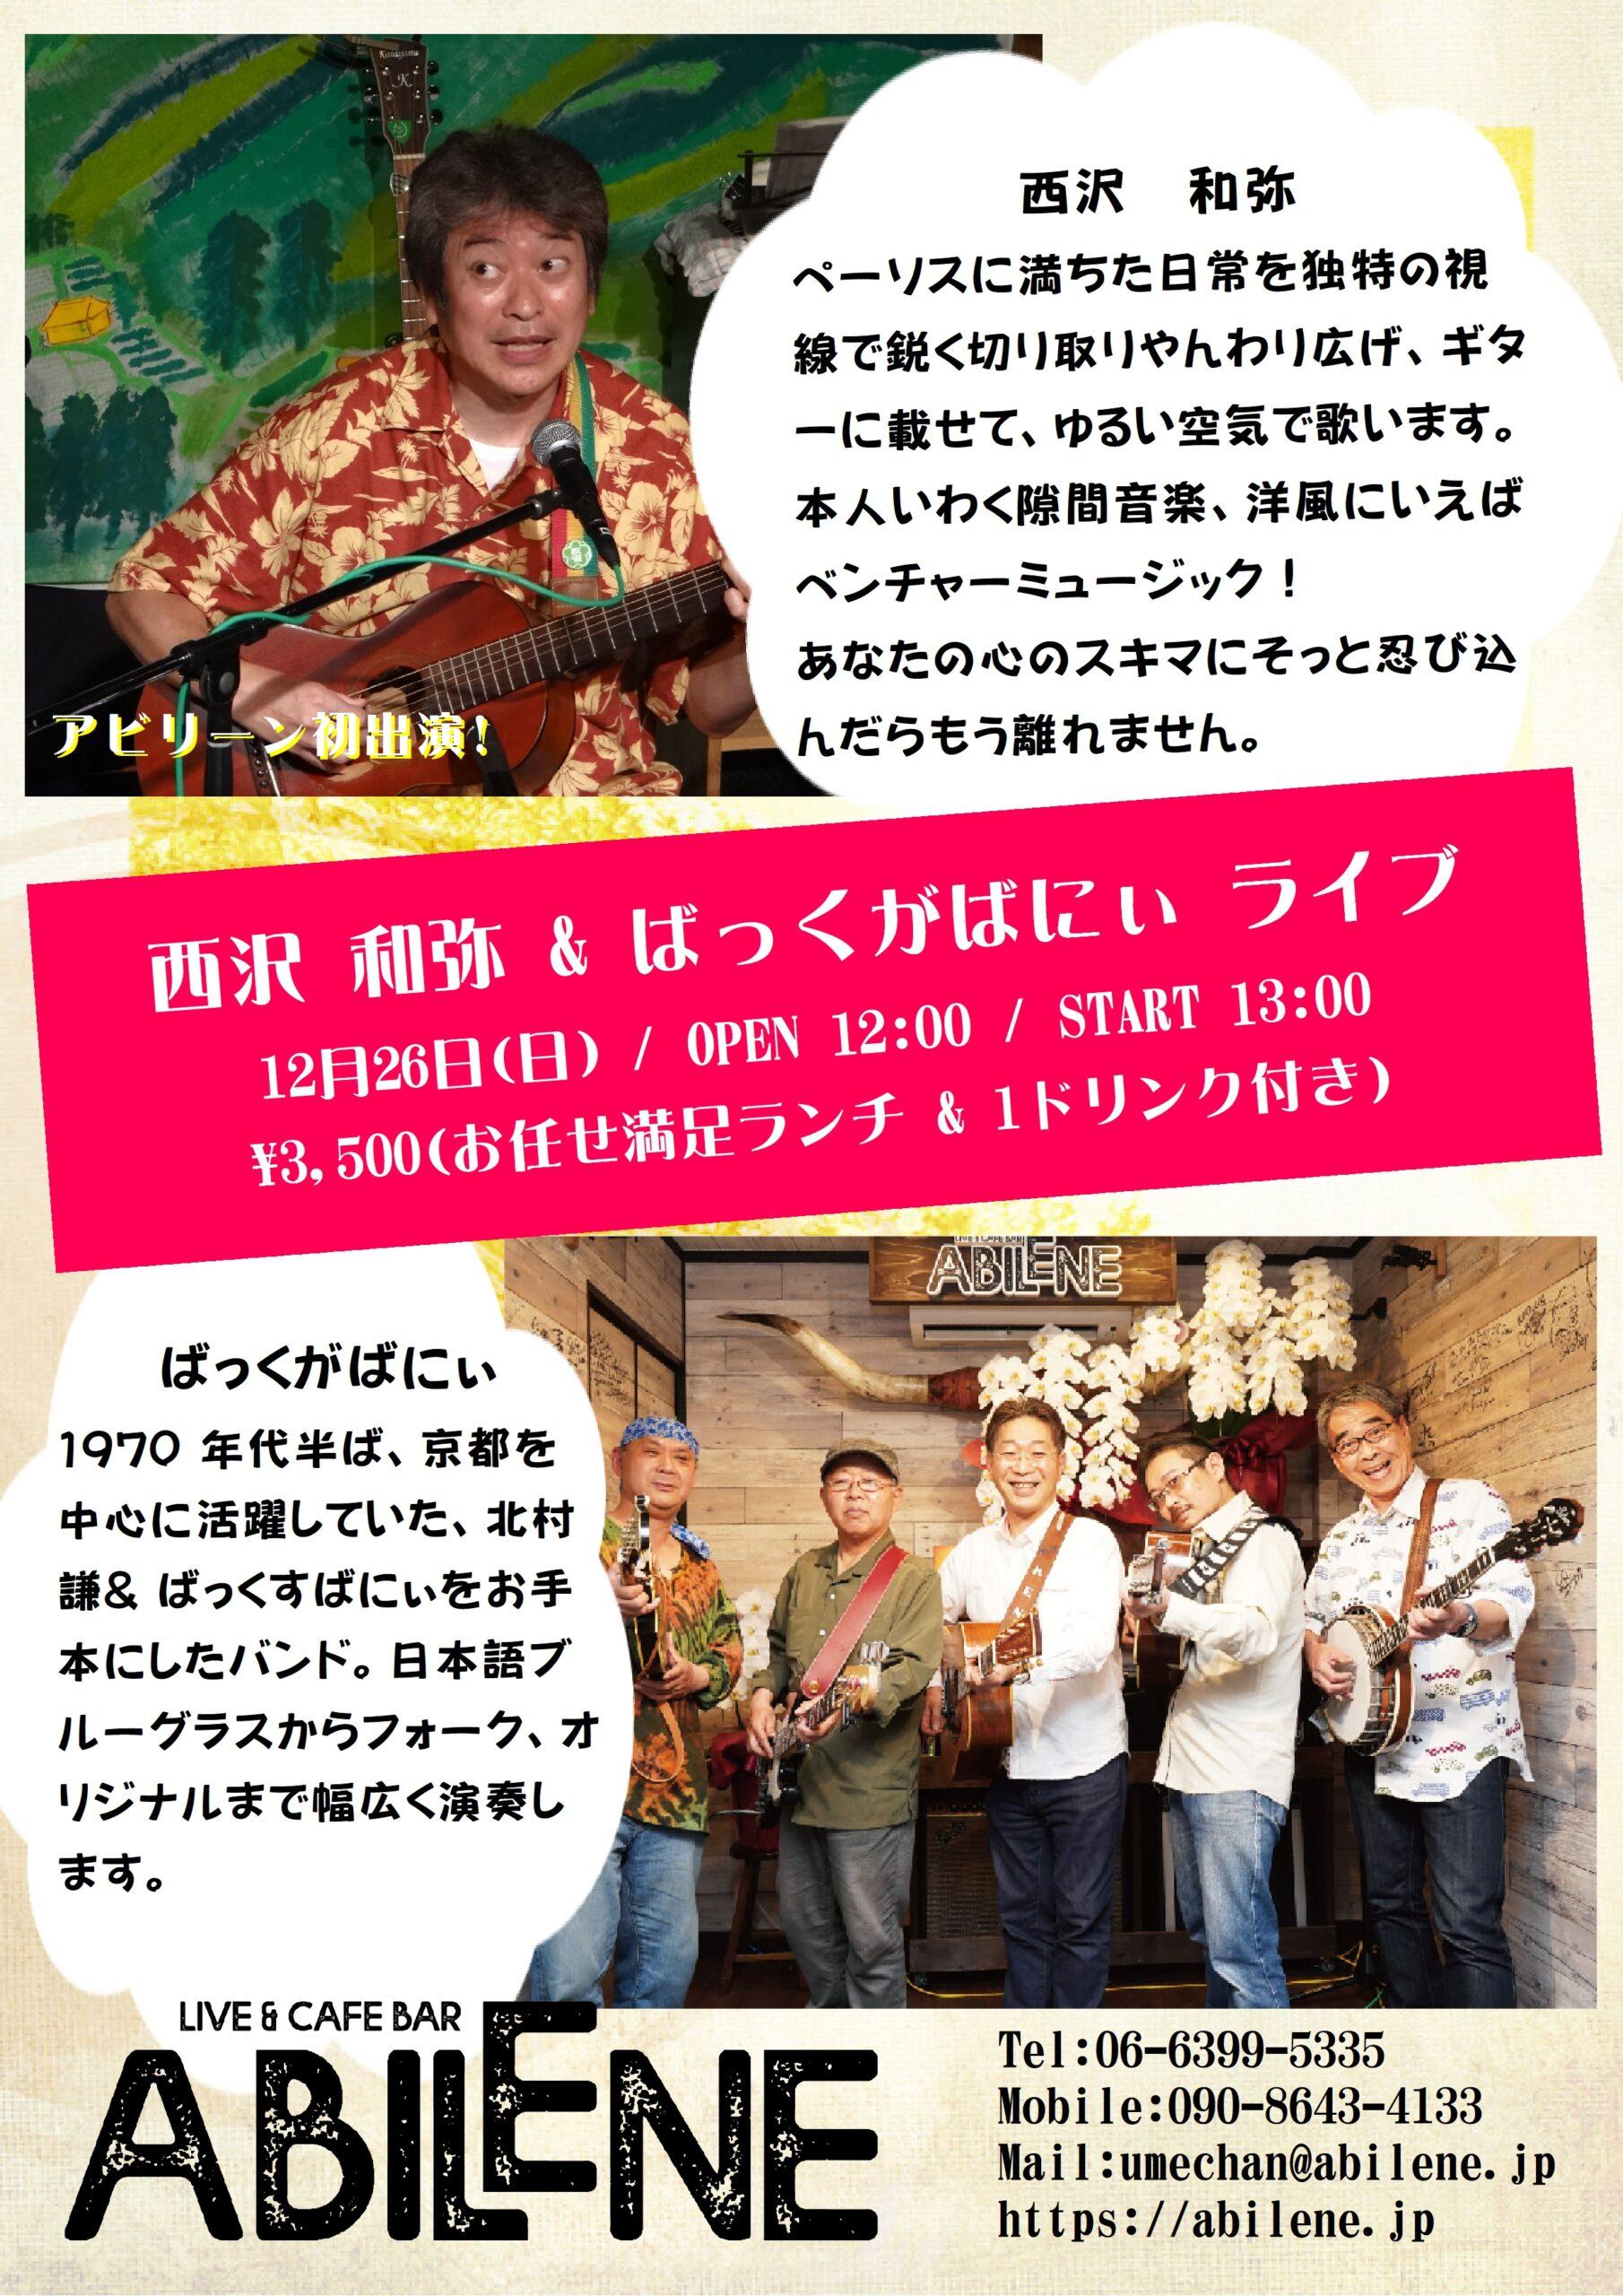 西沢 和弥 & ばっくがばにぃ ランチタイム・ライブ